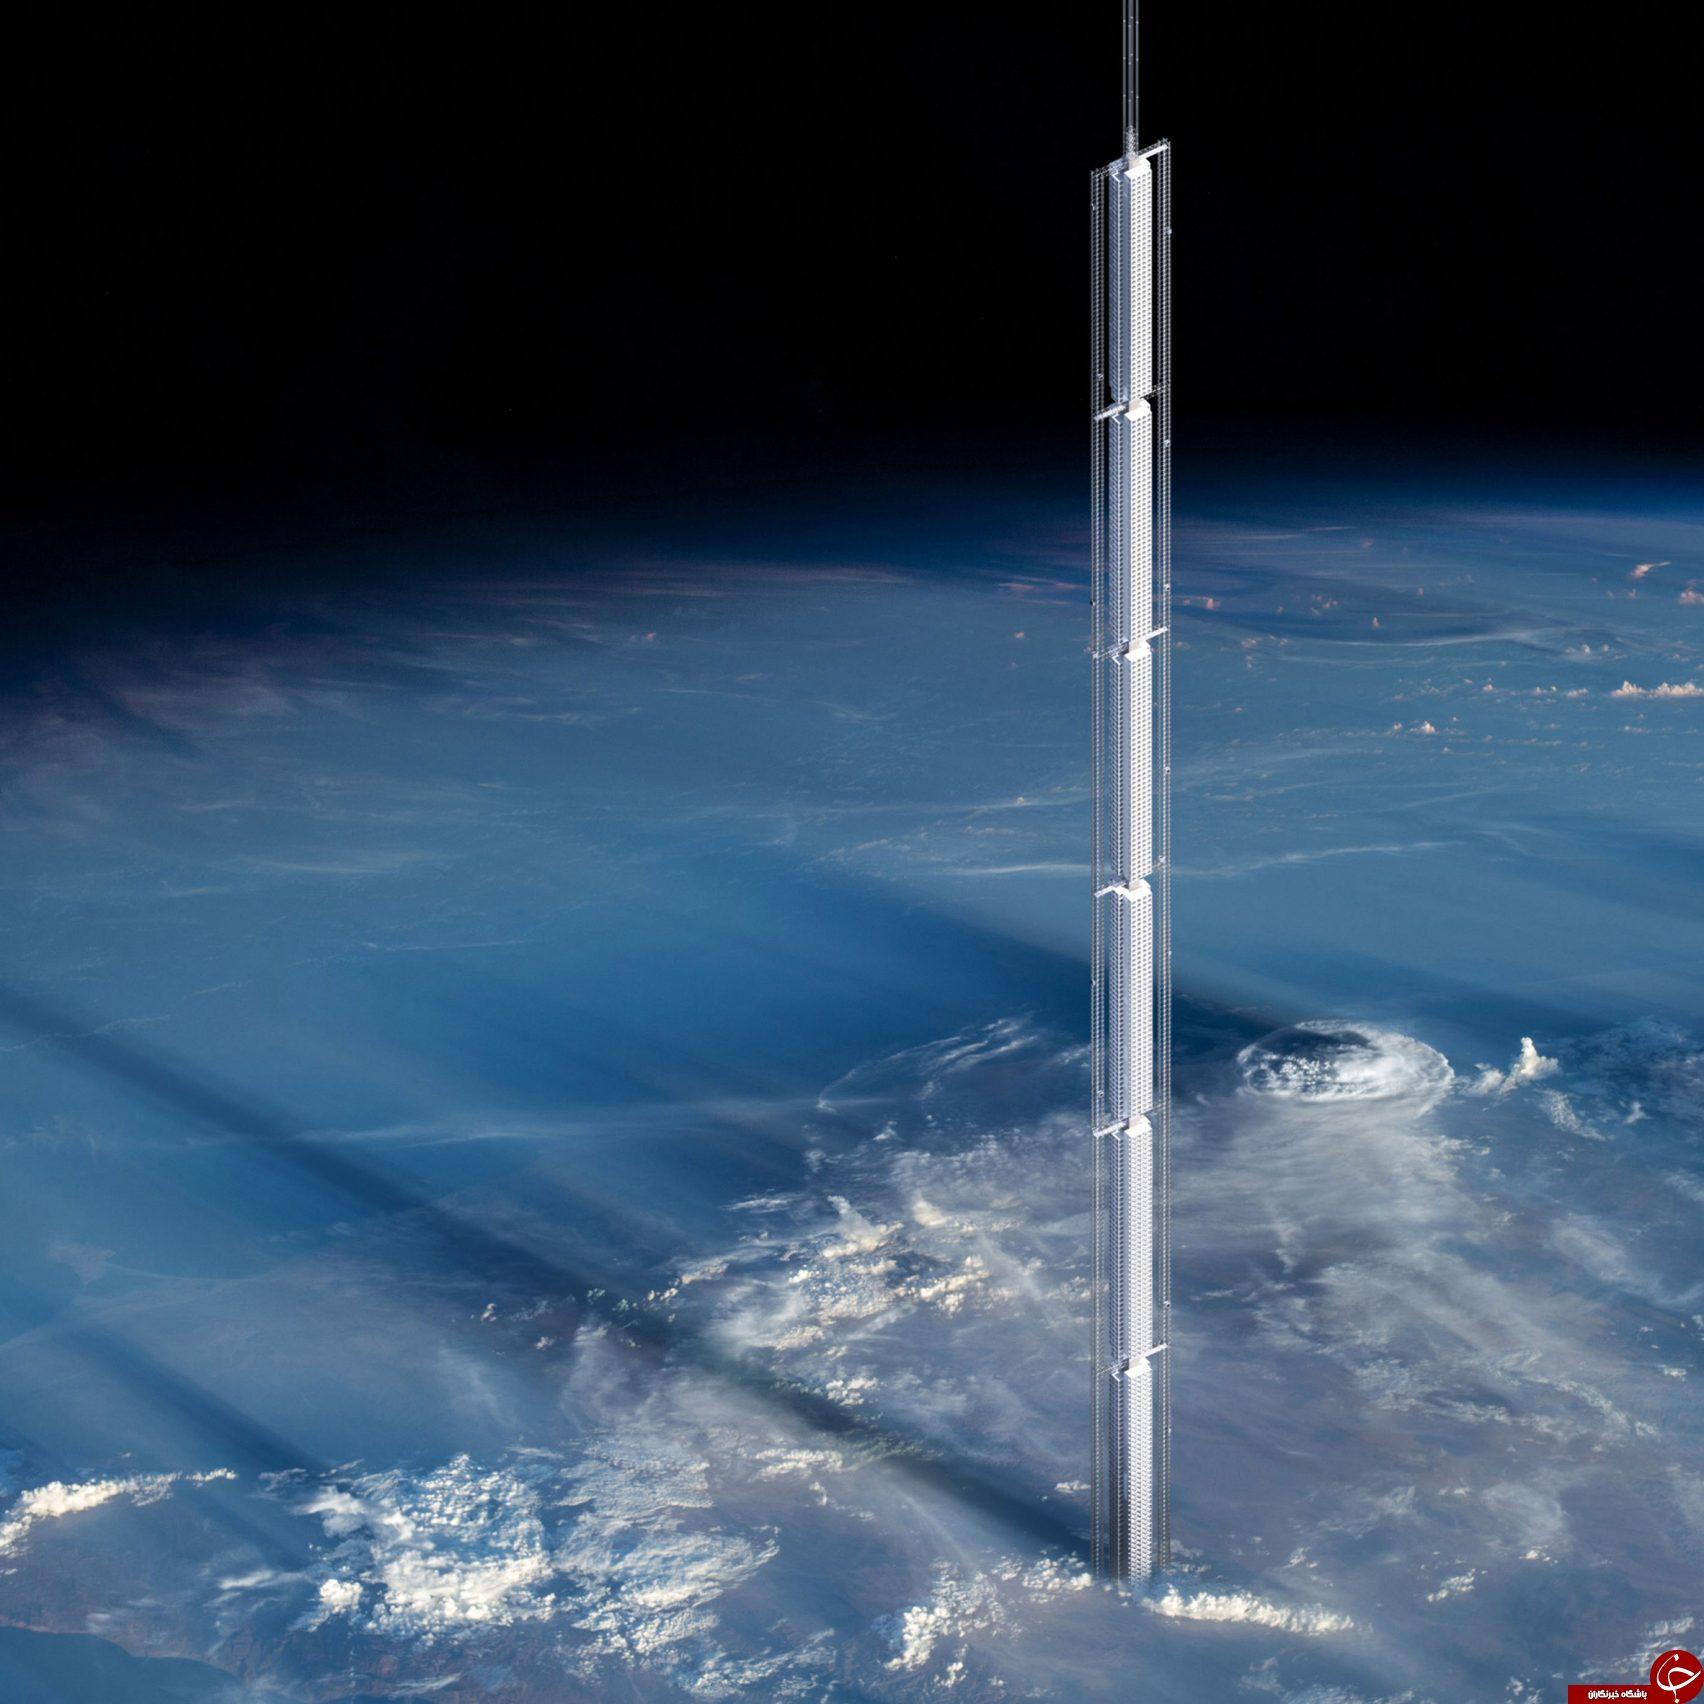 رونمایی از طرح مرتفع ترین آسانسور فضایی+ تصاویر